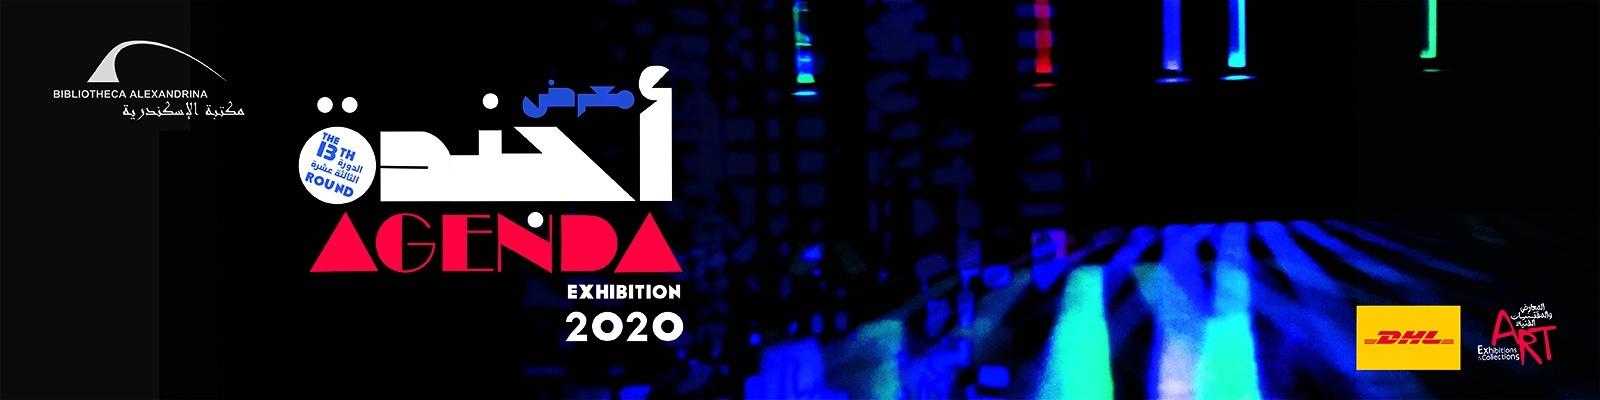 12 - 25 فبراير 2020